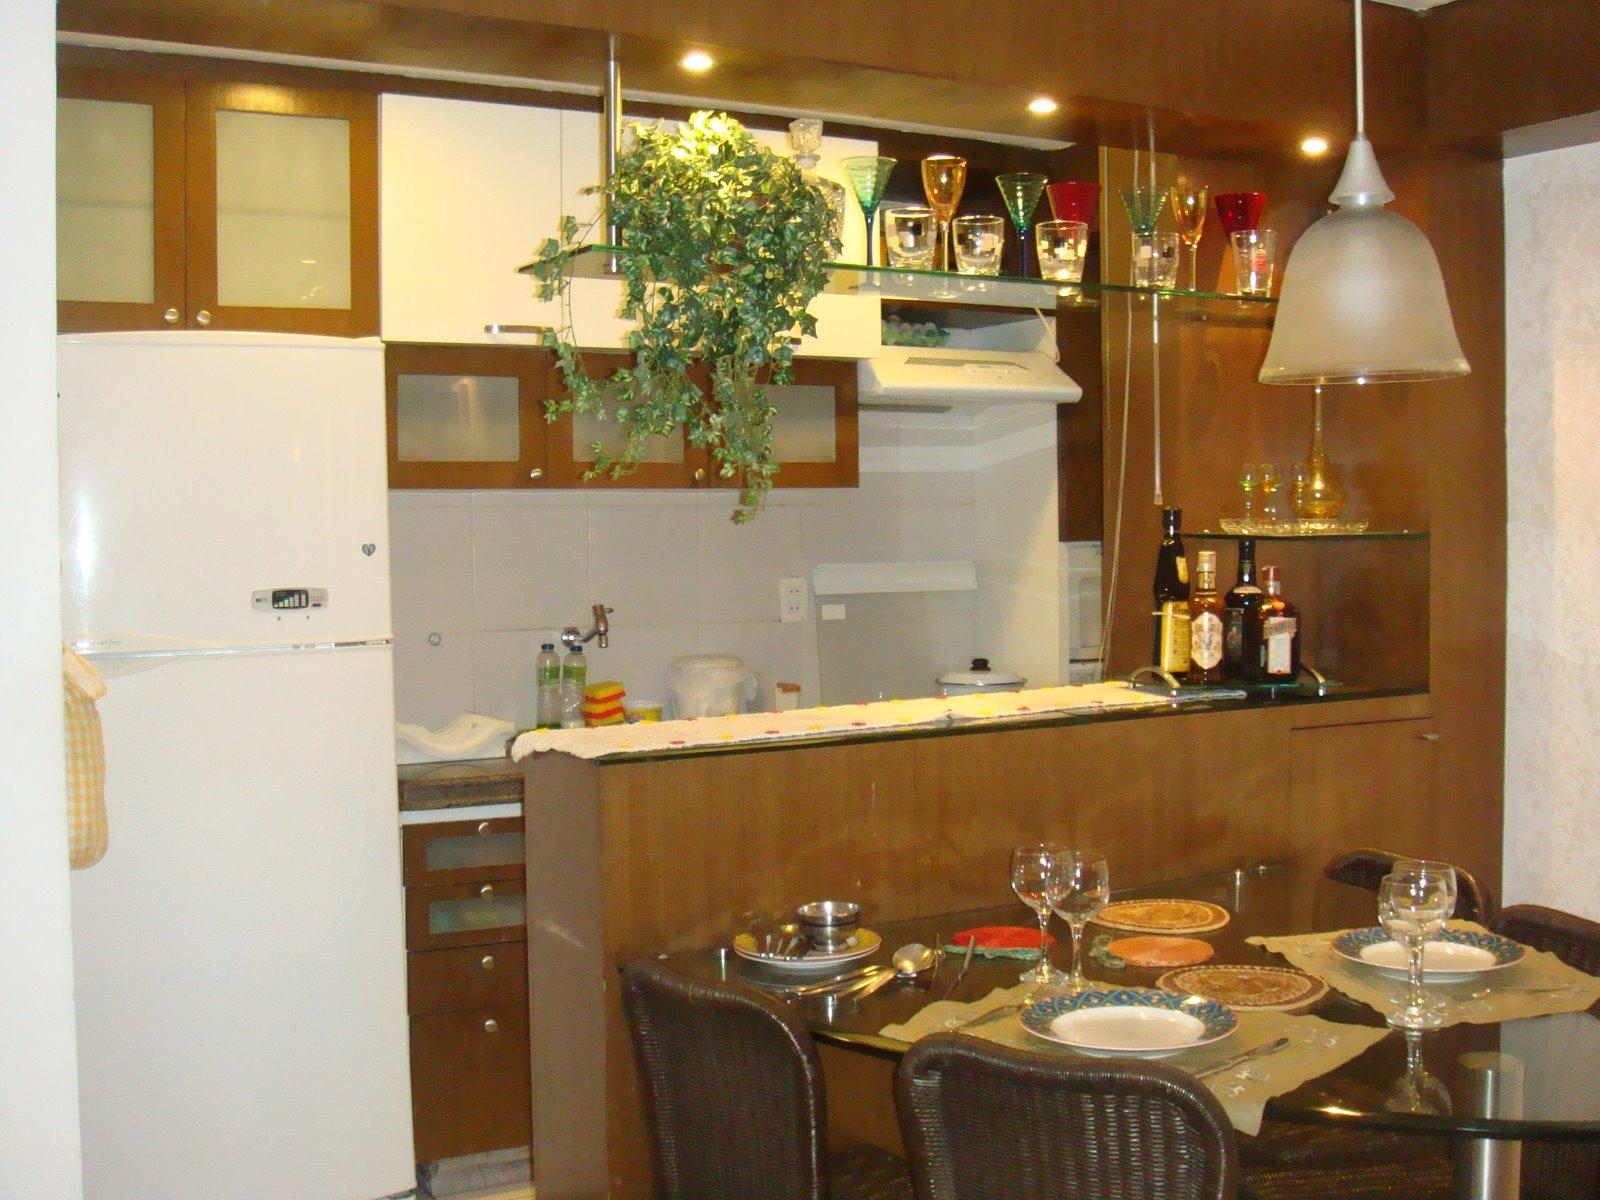 Cozinha Americana Ideal para Cozinhas Pequenas.jpg #6F431B 1600 1200